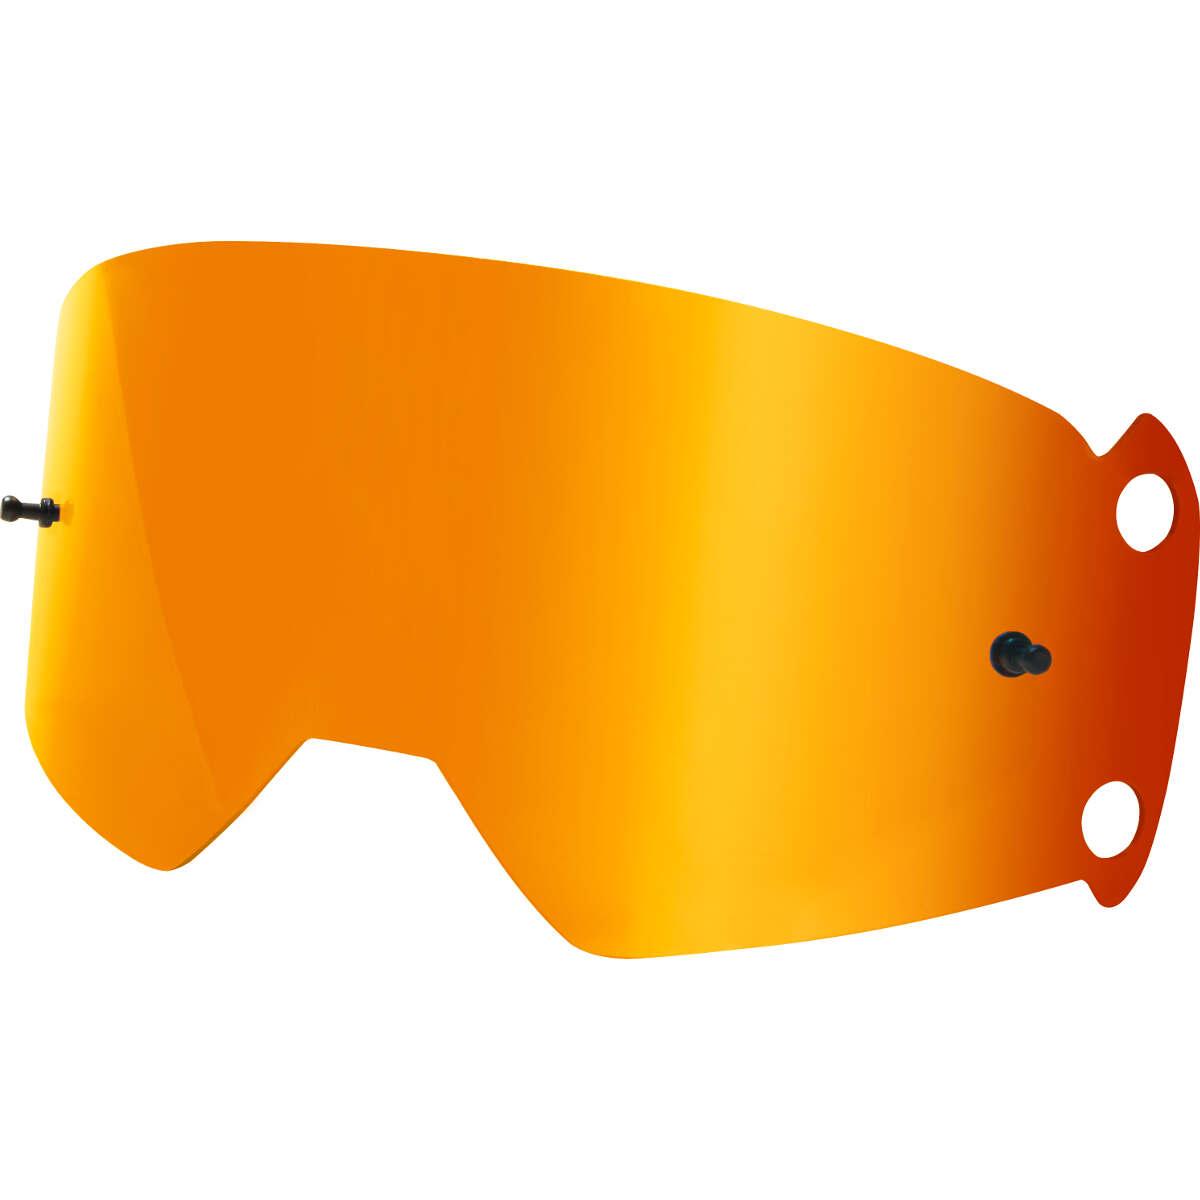 Fox Ersatzglas VUE Gold - Spark